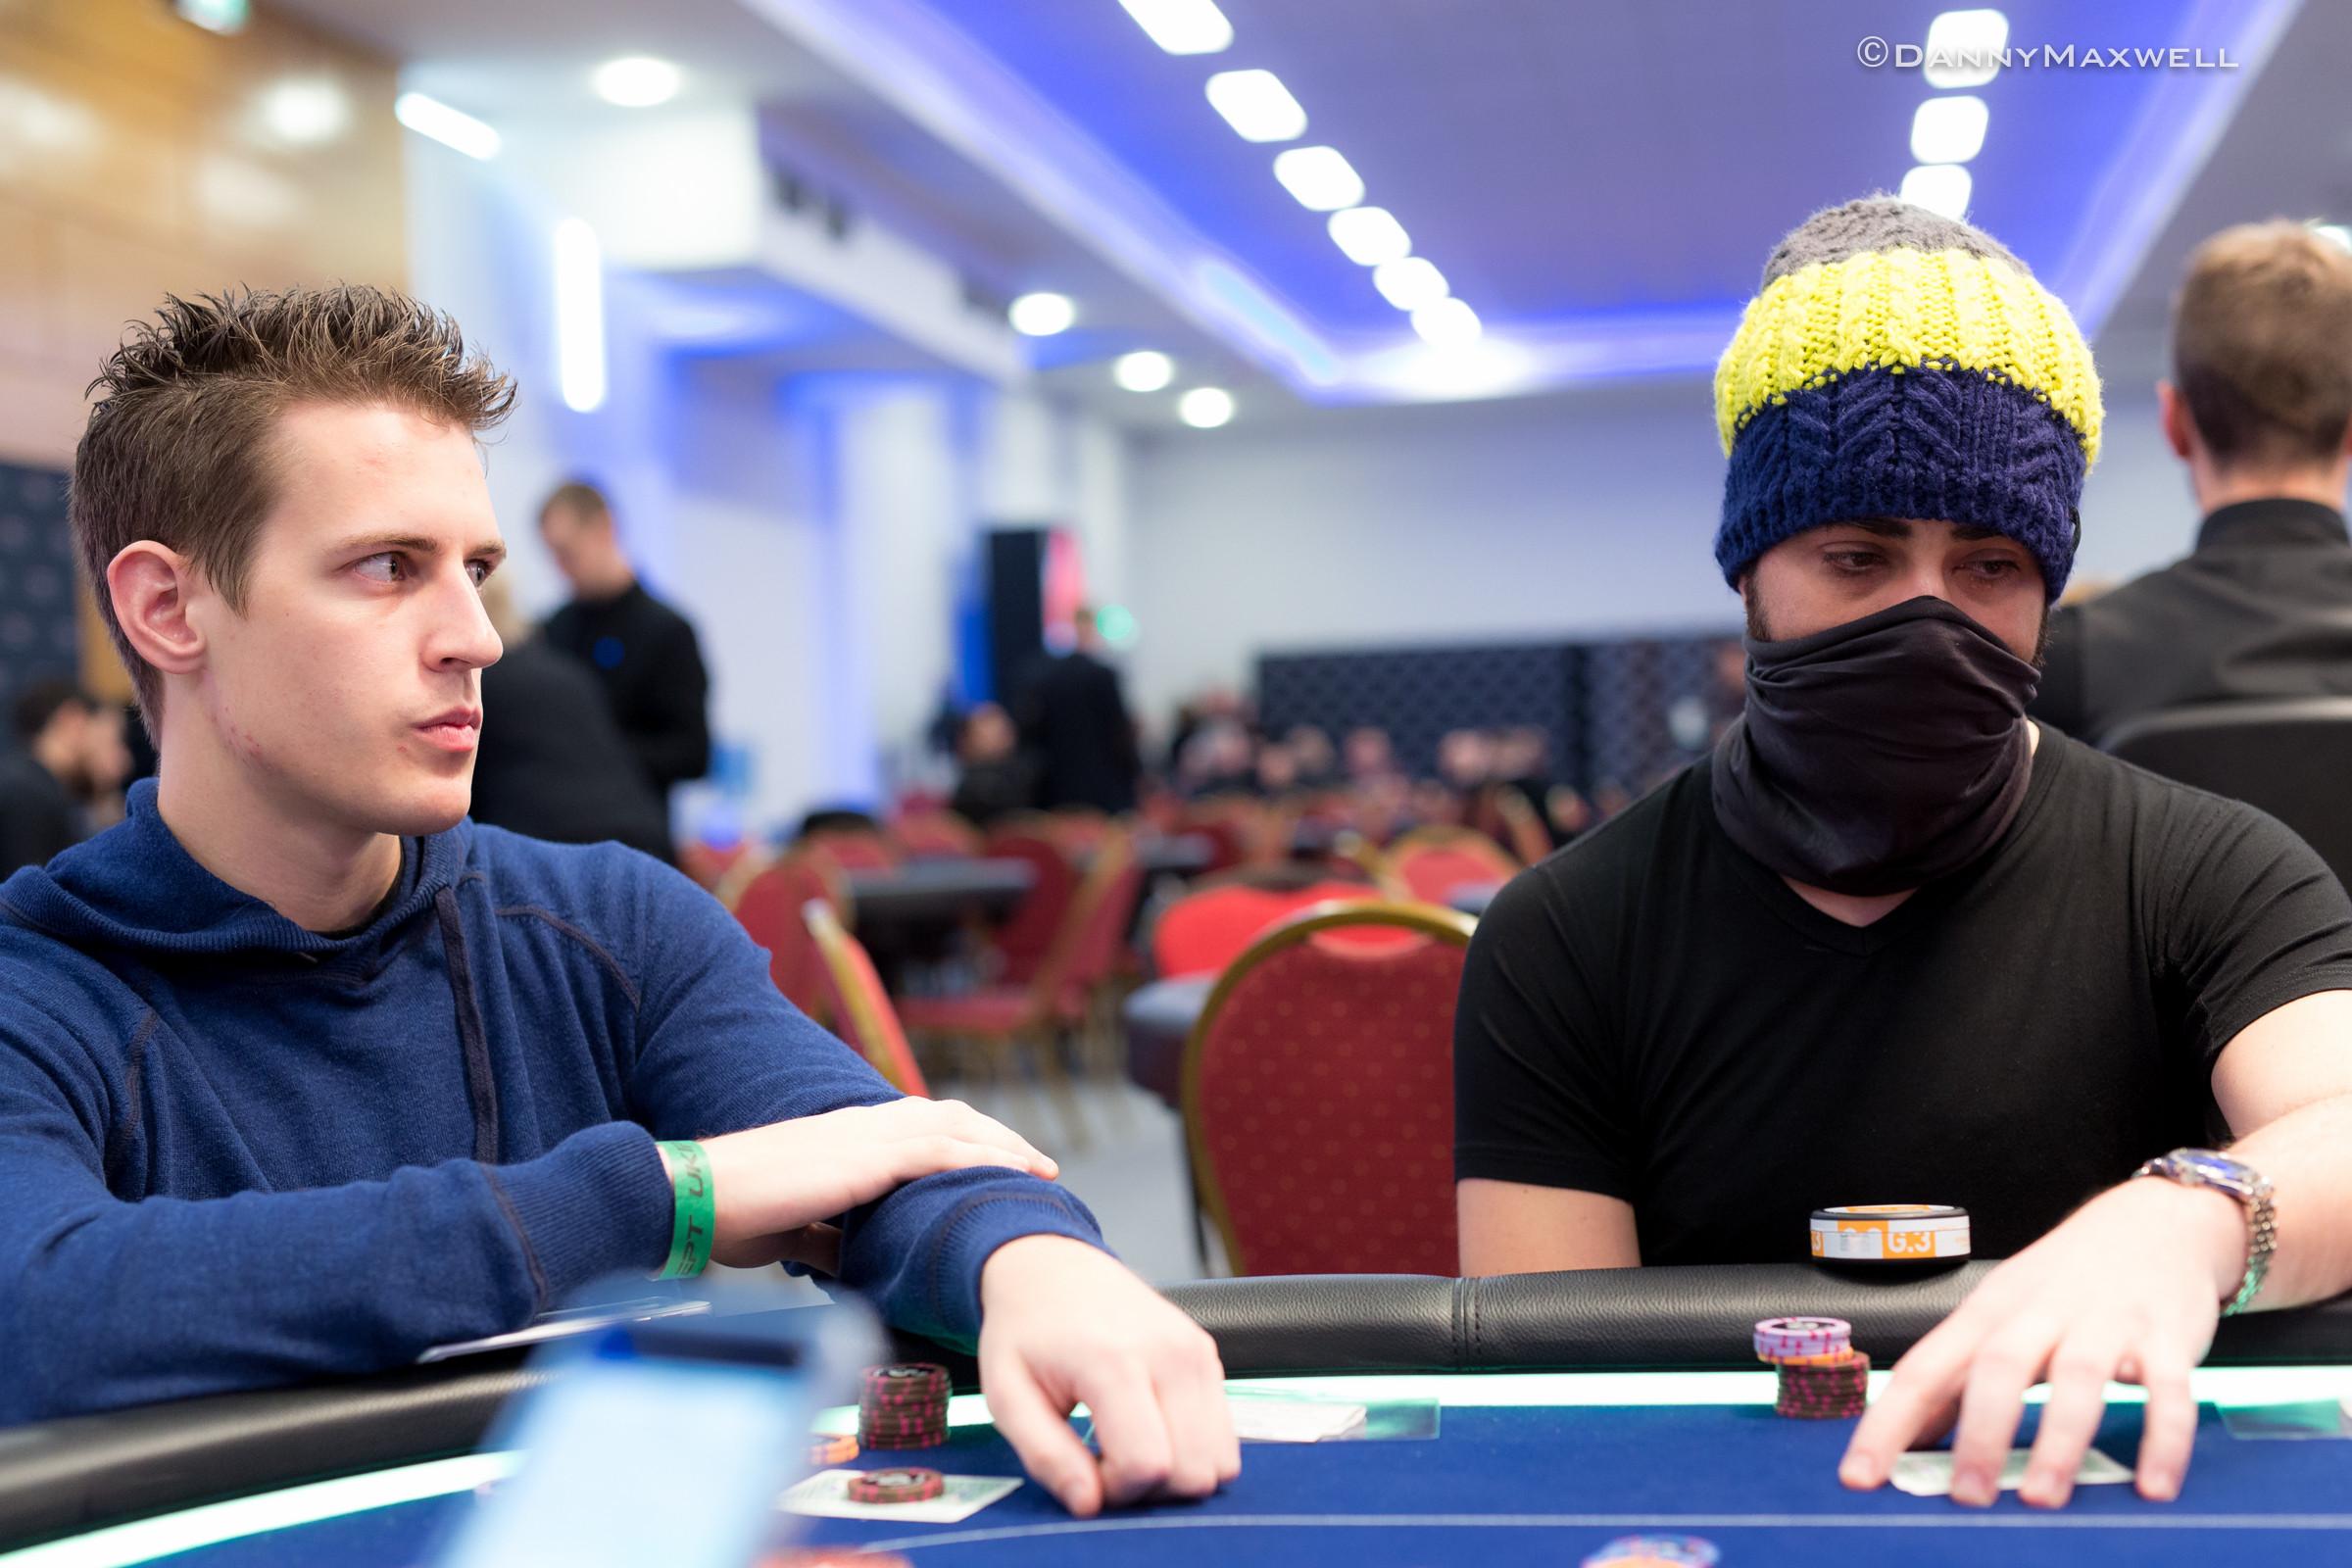 Is online gambling legal in virginia